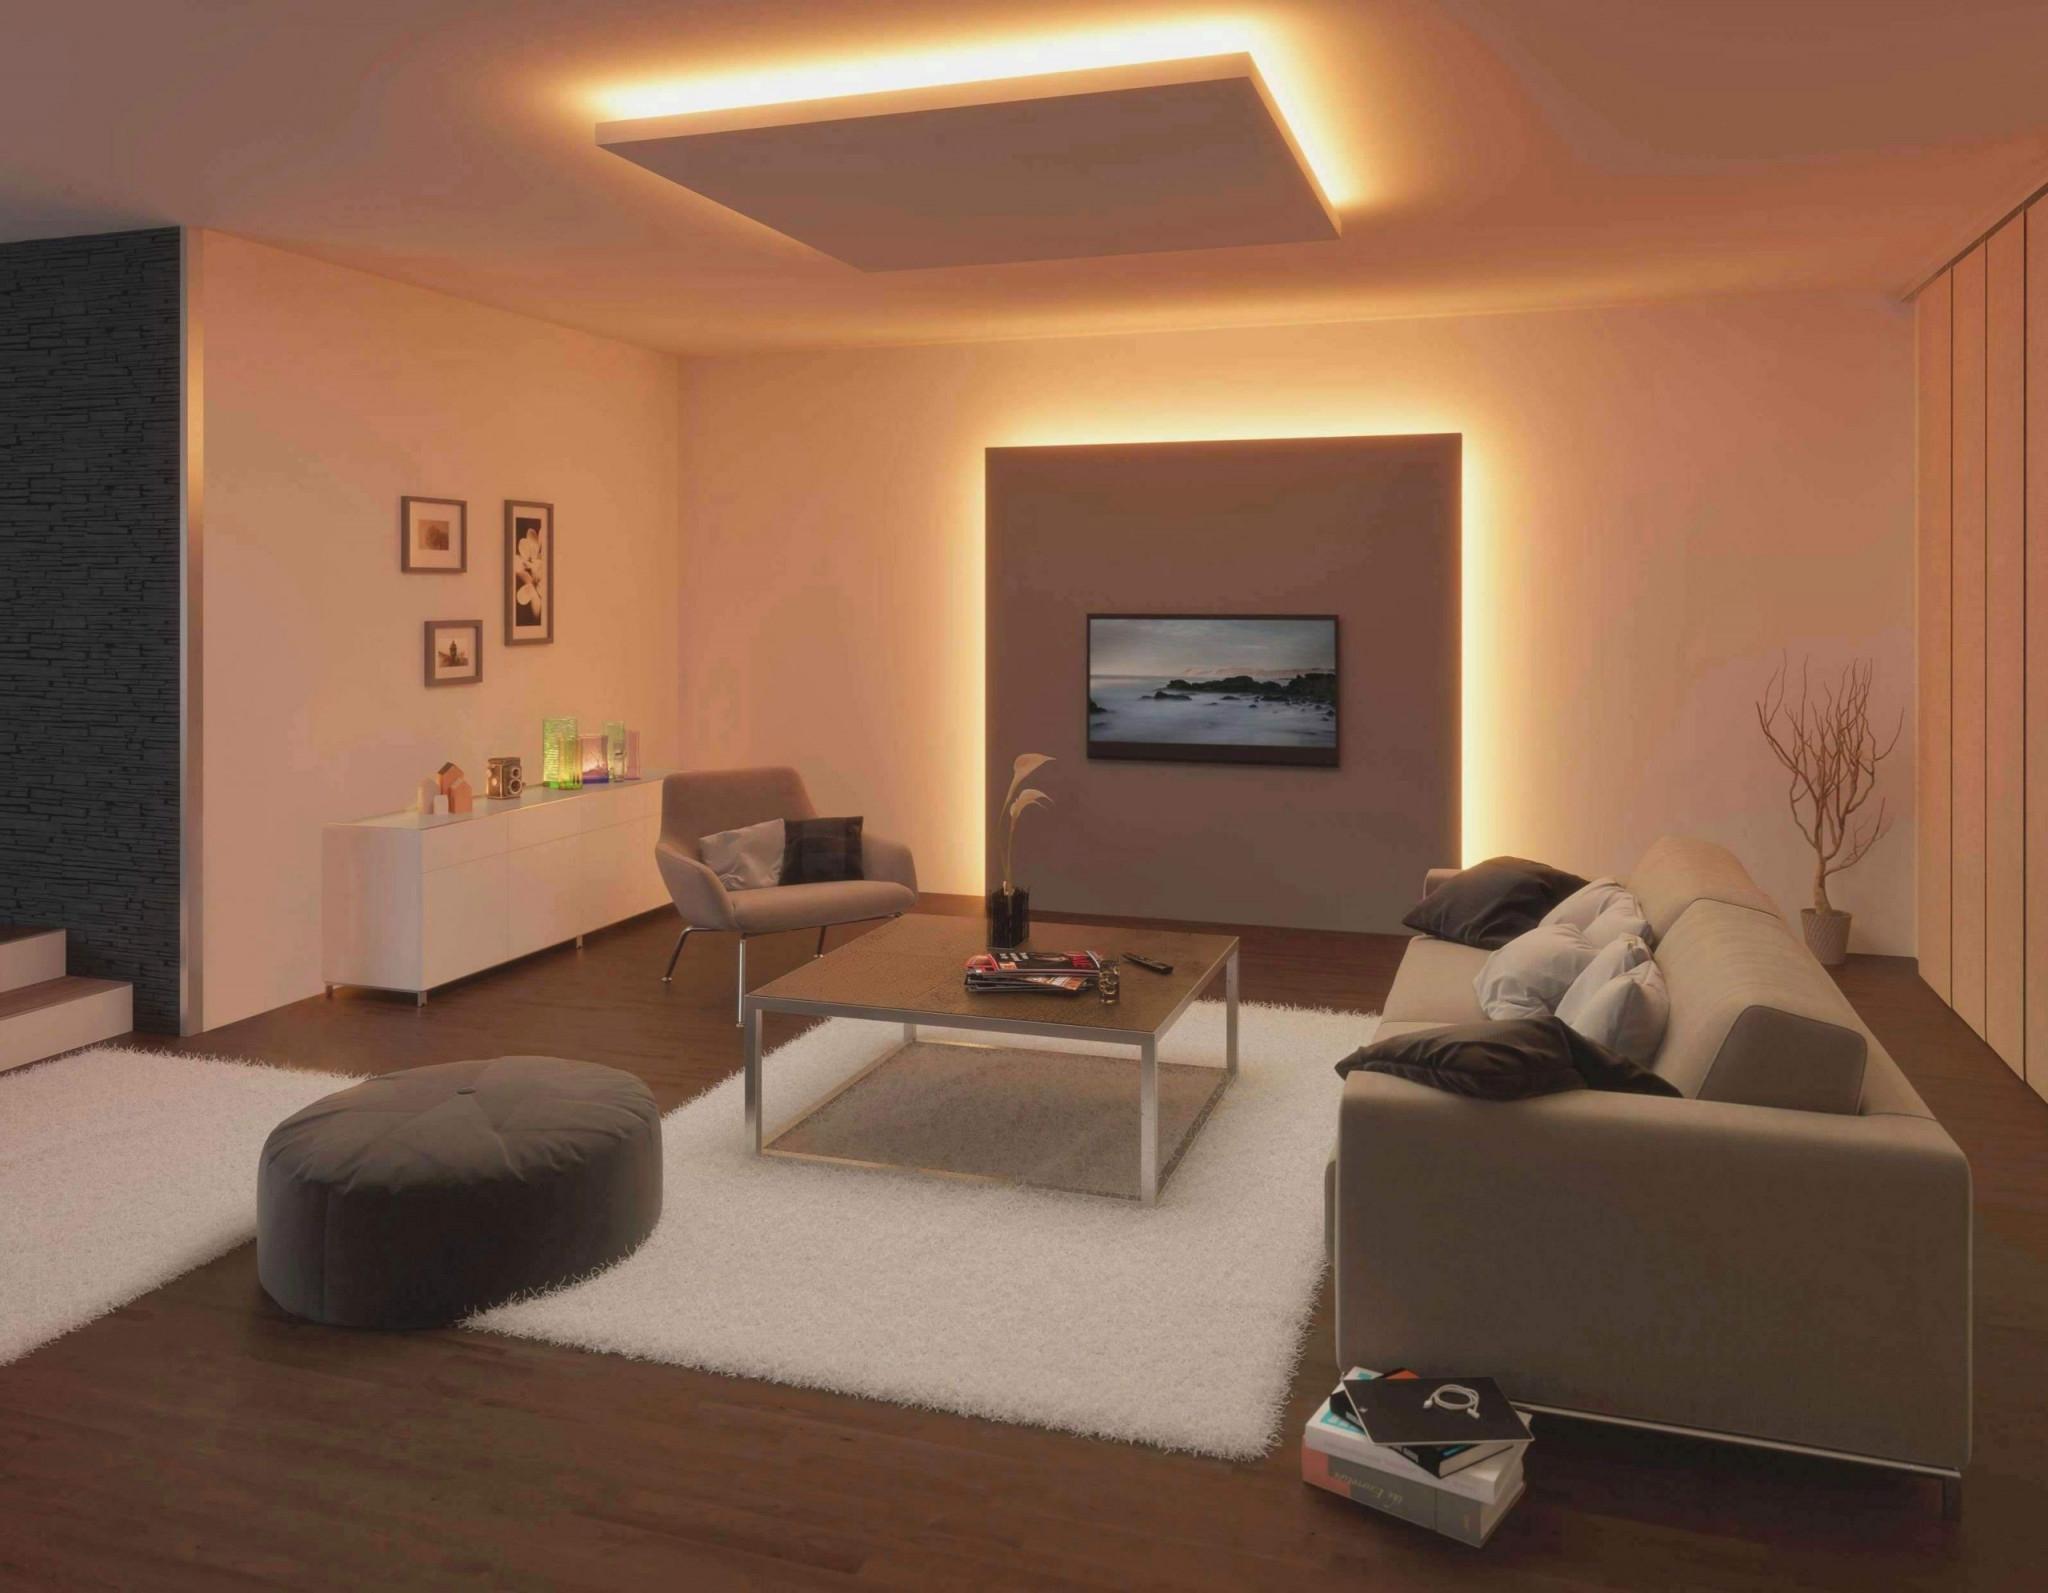 31 Reizend Wohnzimmer Modern Gestalten Frisch  Wohnzimmer von Wohnzimmer Modern Gestalten Bild